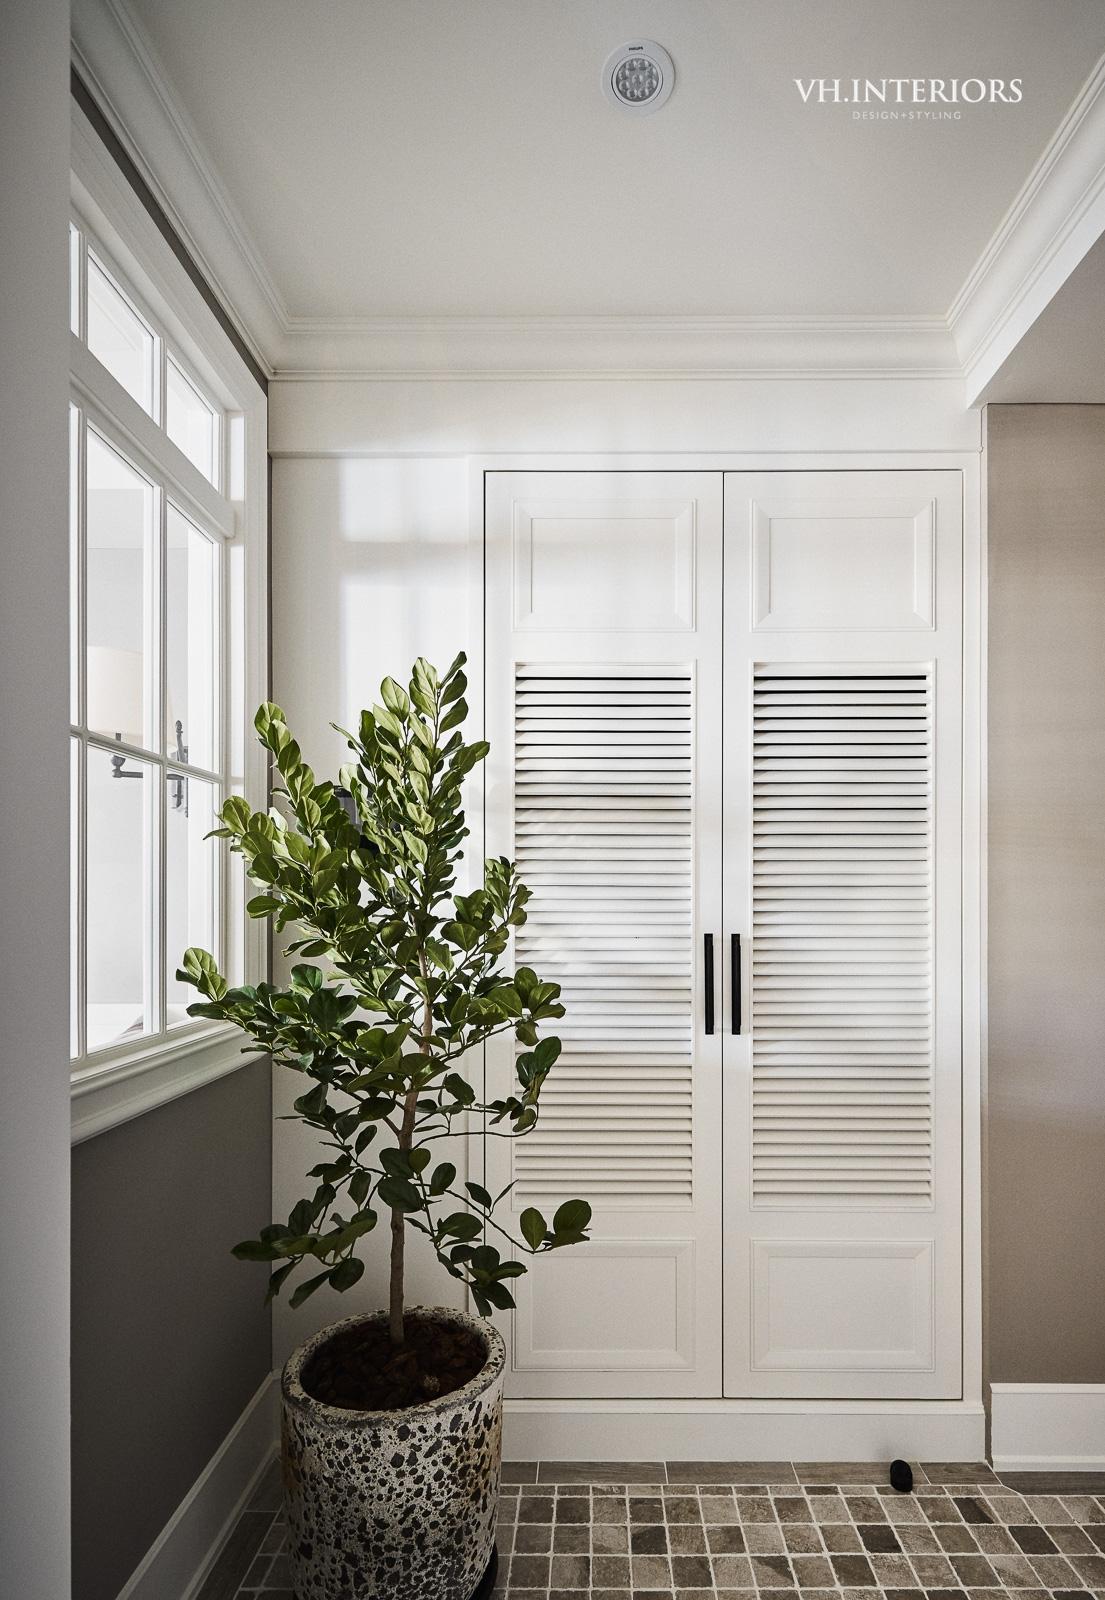 VH_ApartmentWithDog-598.jpg